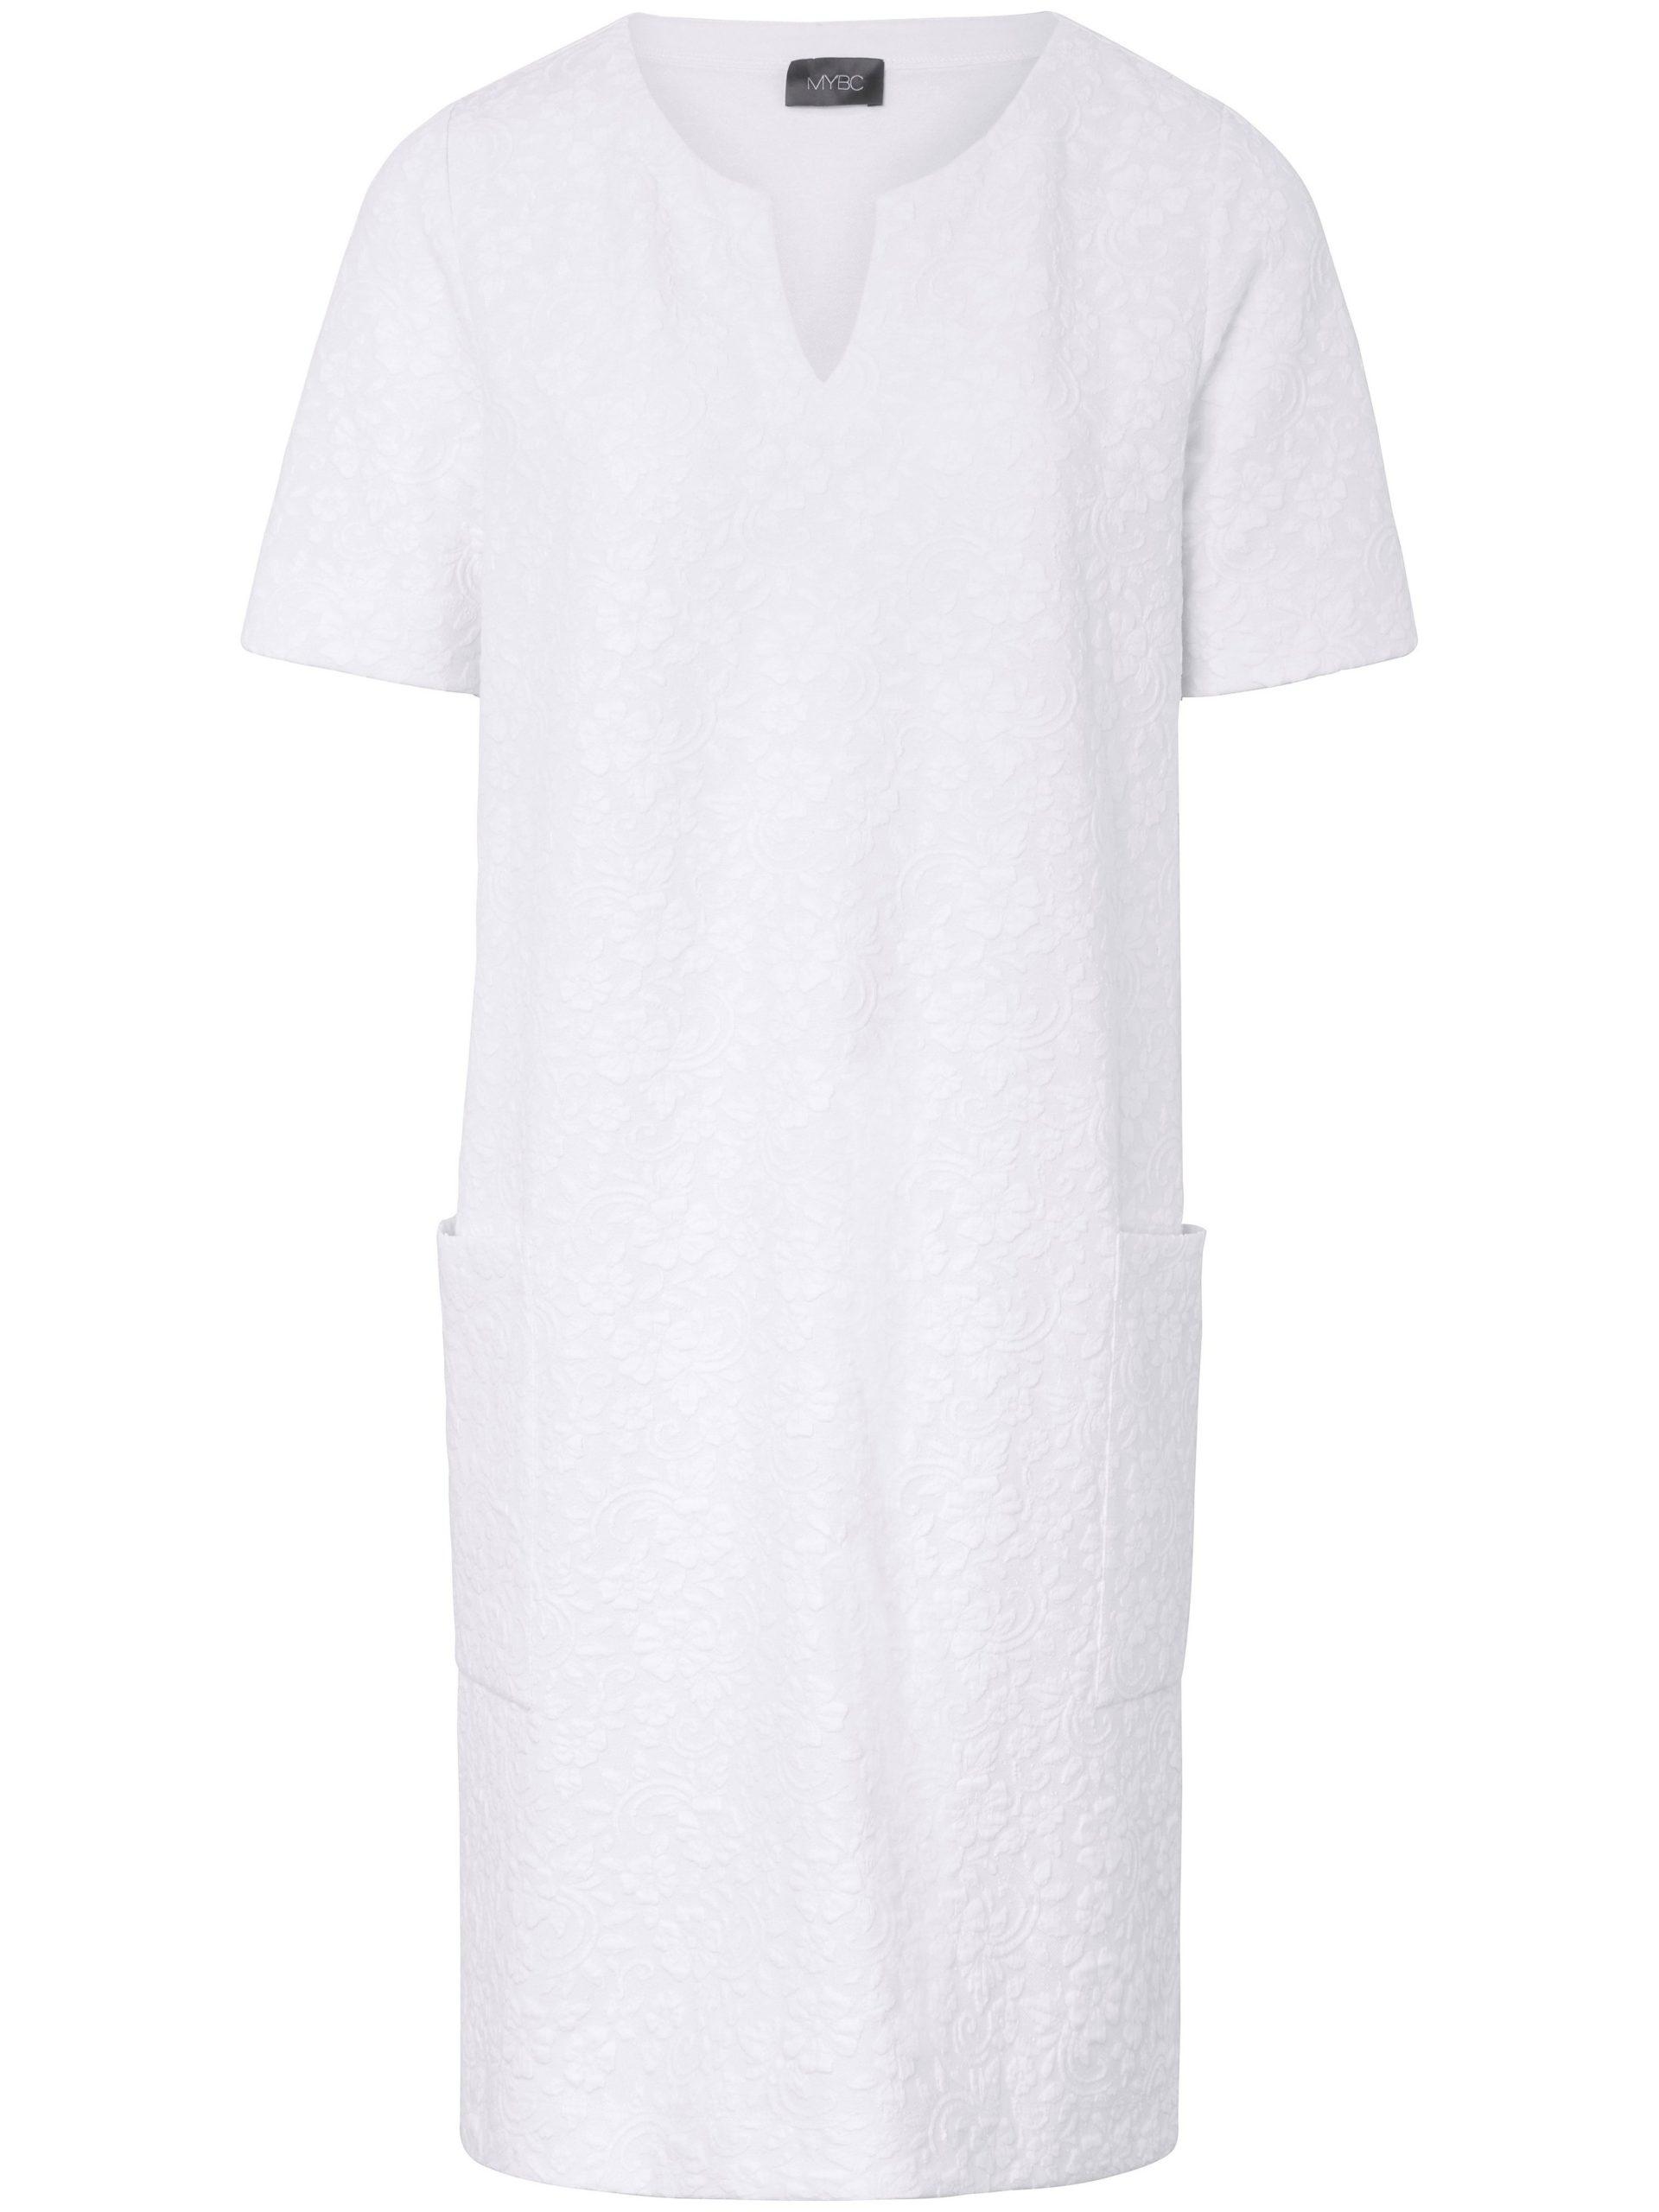 Jerseyjurk met korte mouwen Van MYBC wit Kopen